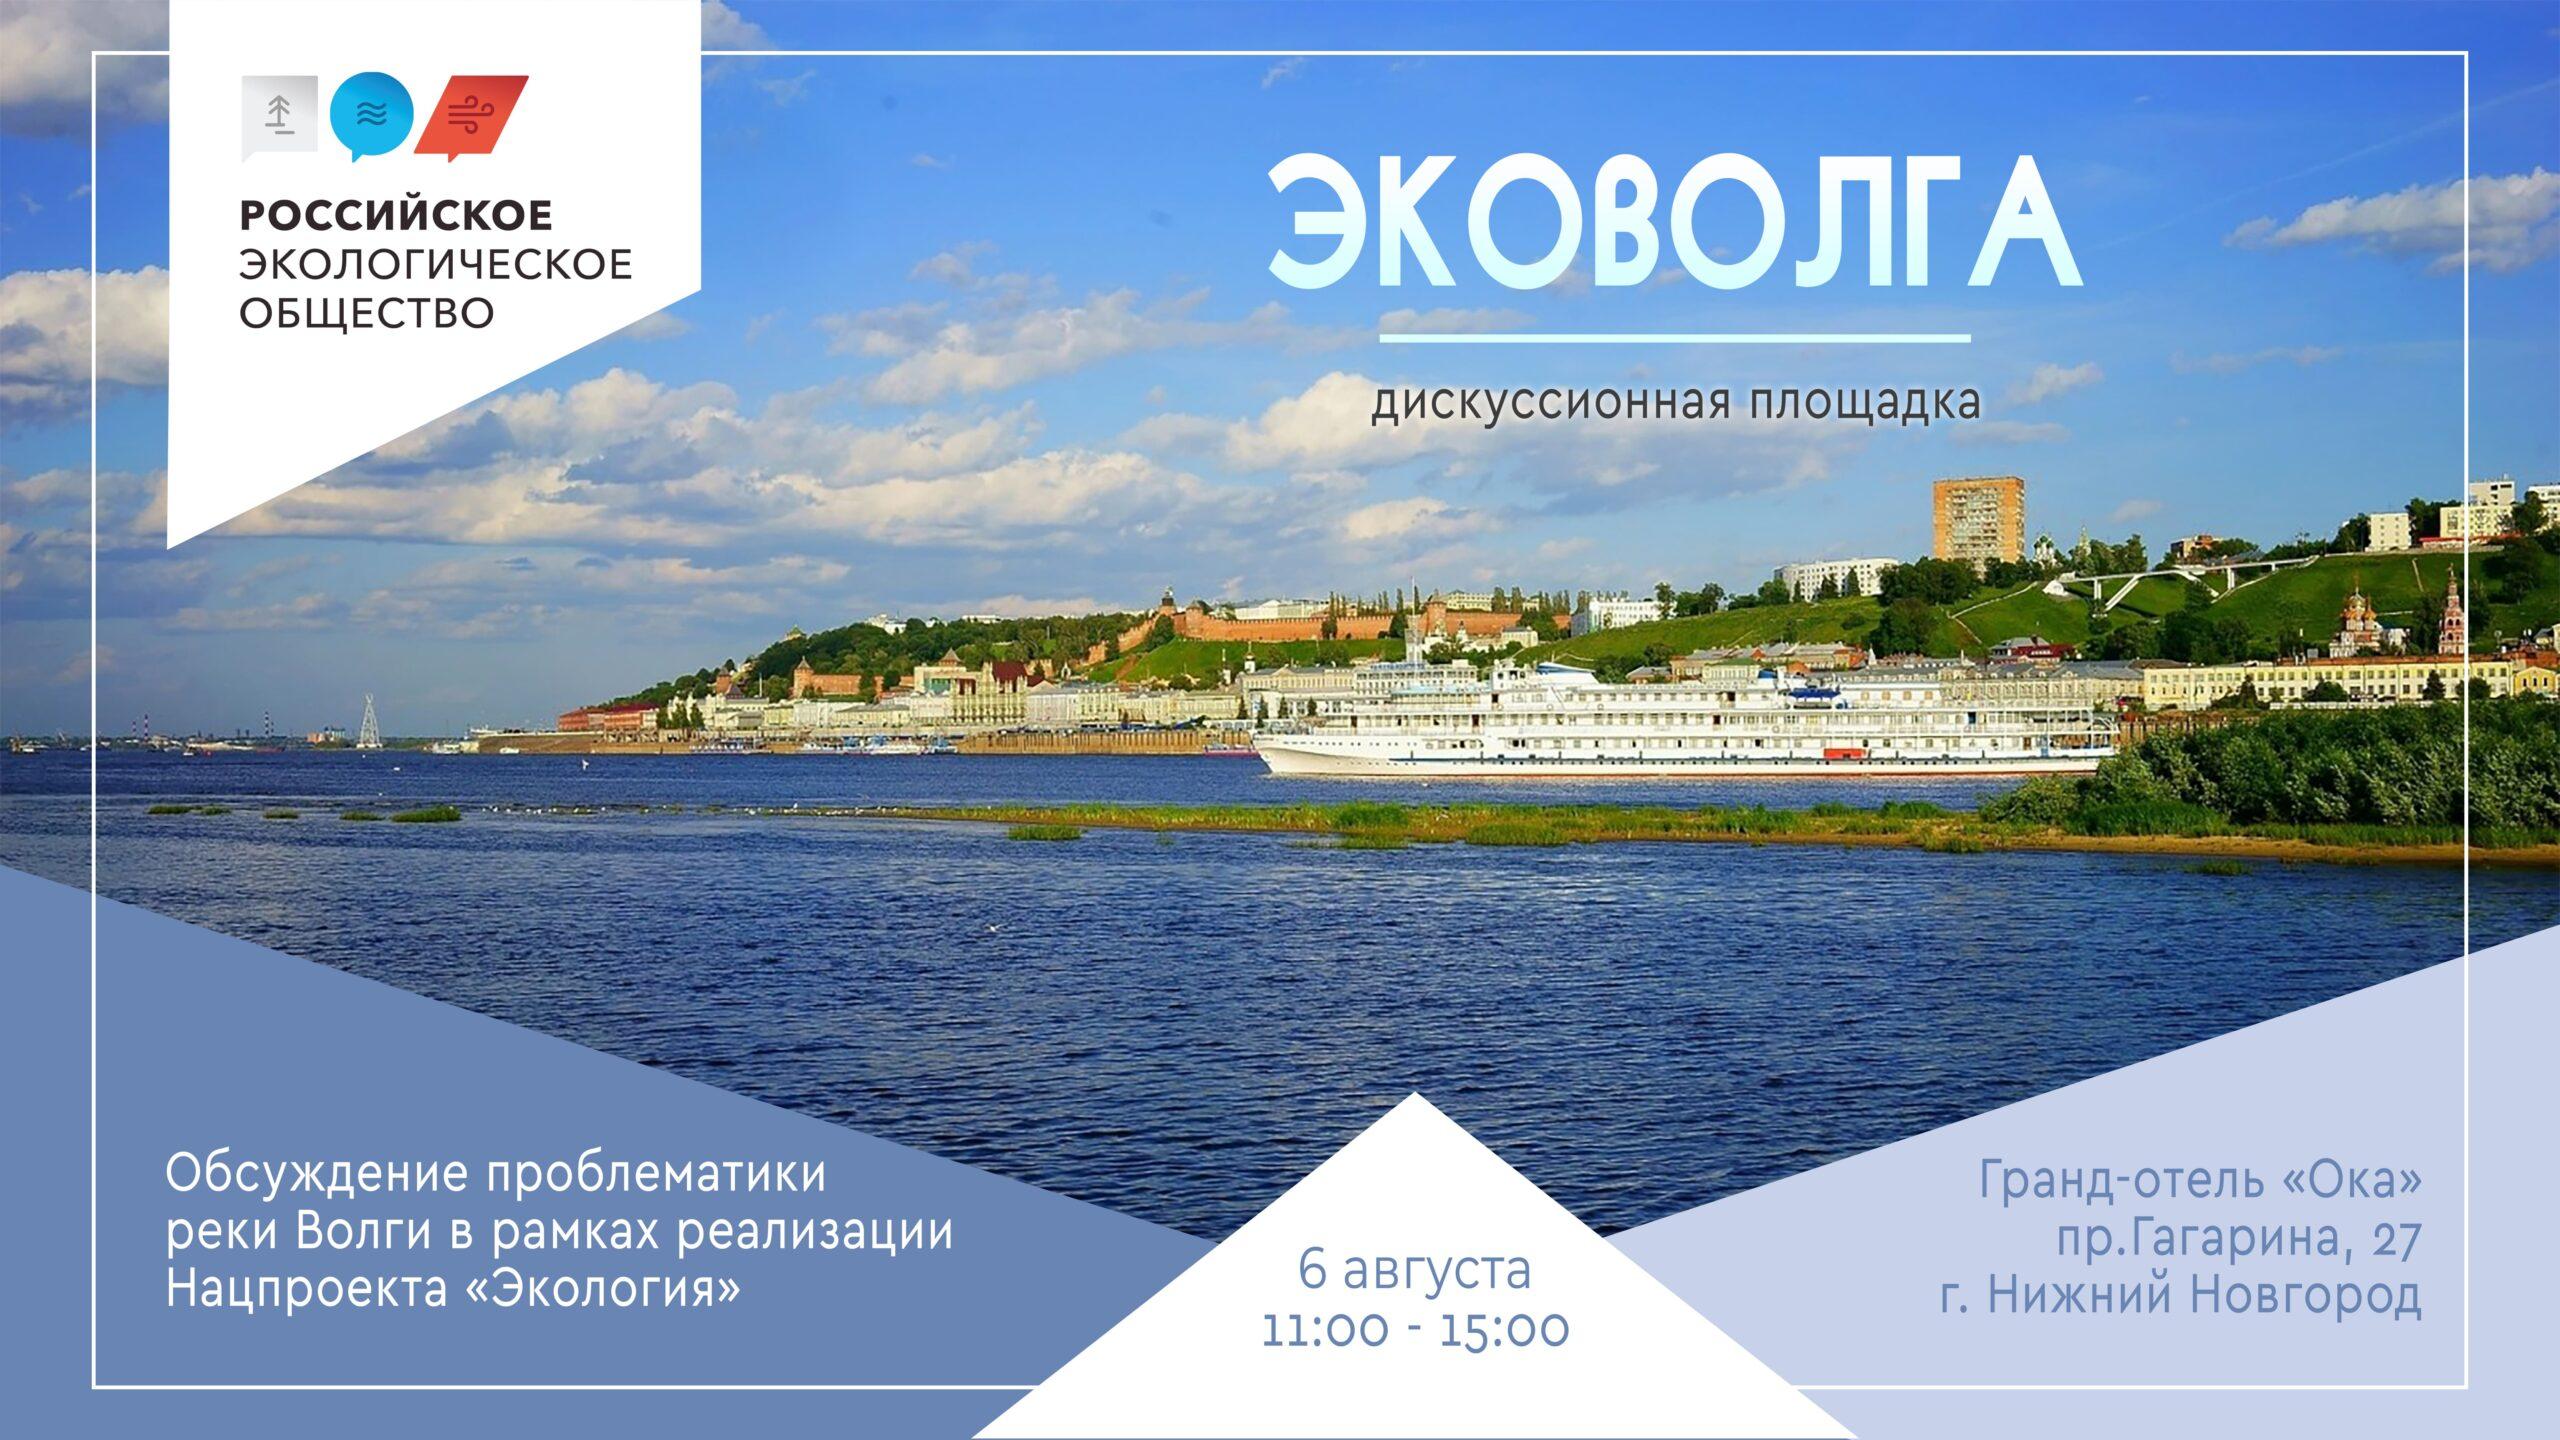 Российское экологическое общество открывает дискуссионную площадку «ЭкоВолга»